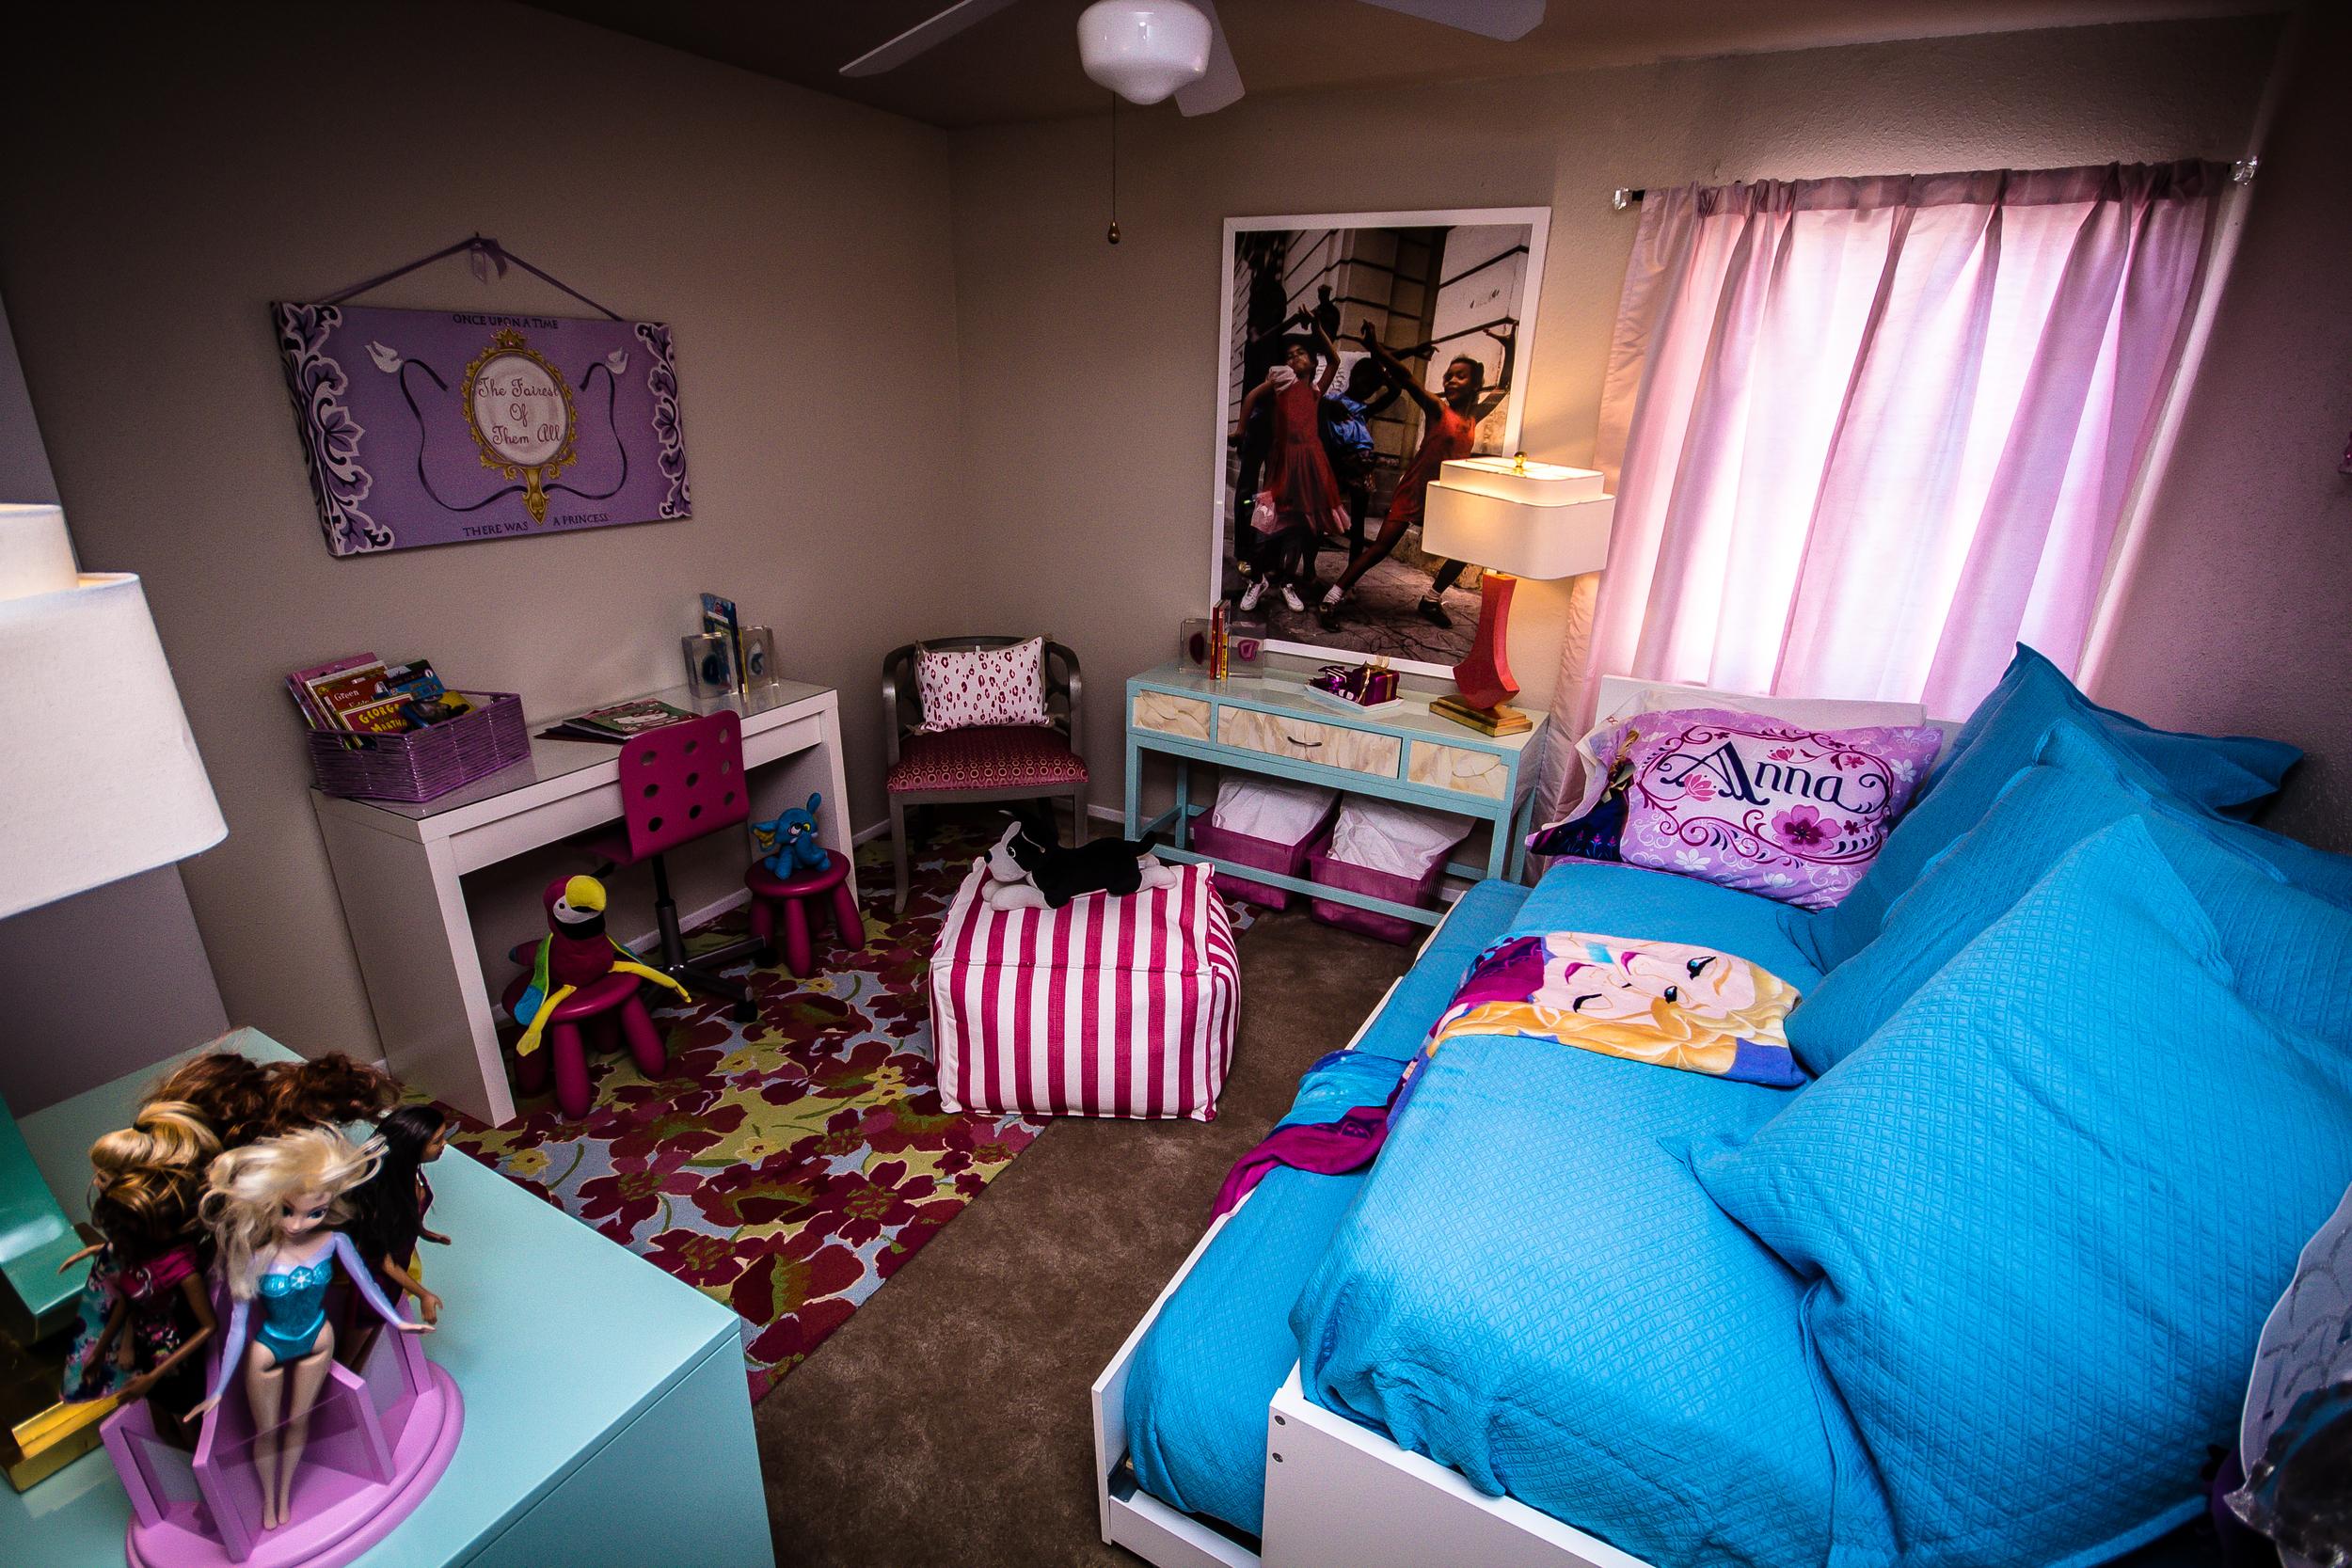 Faith's Room - After